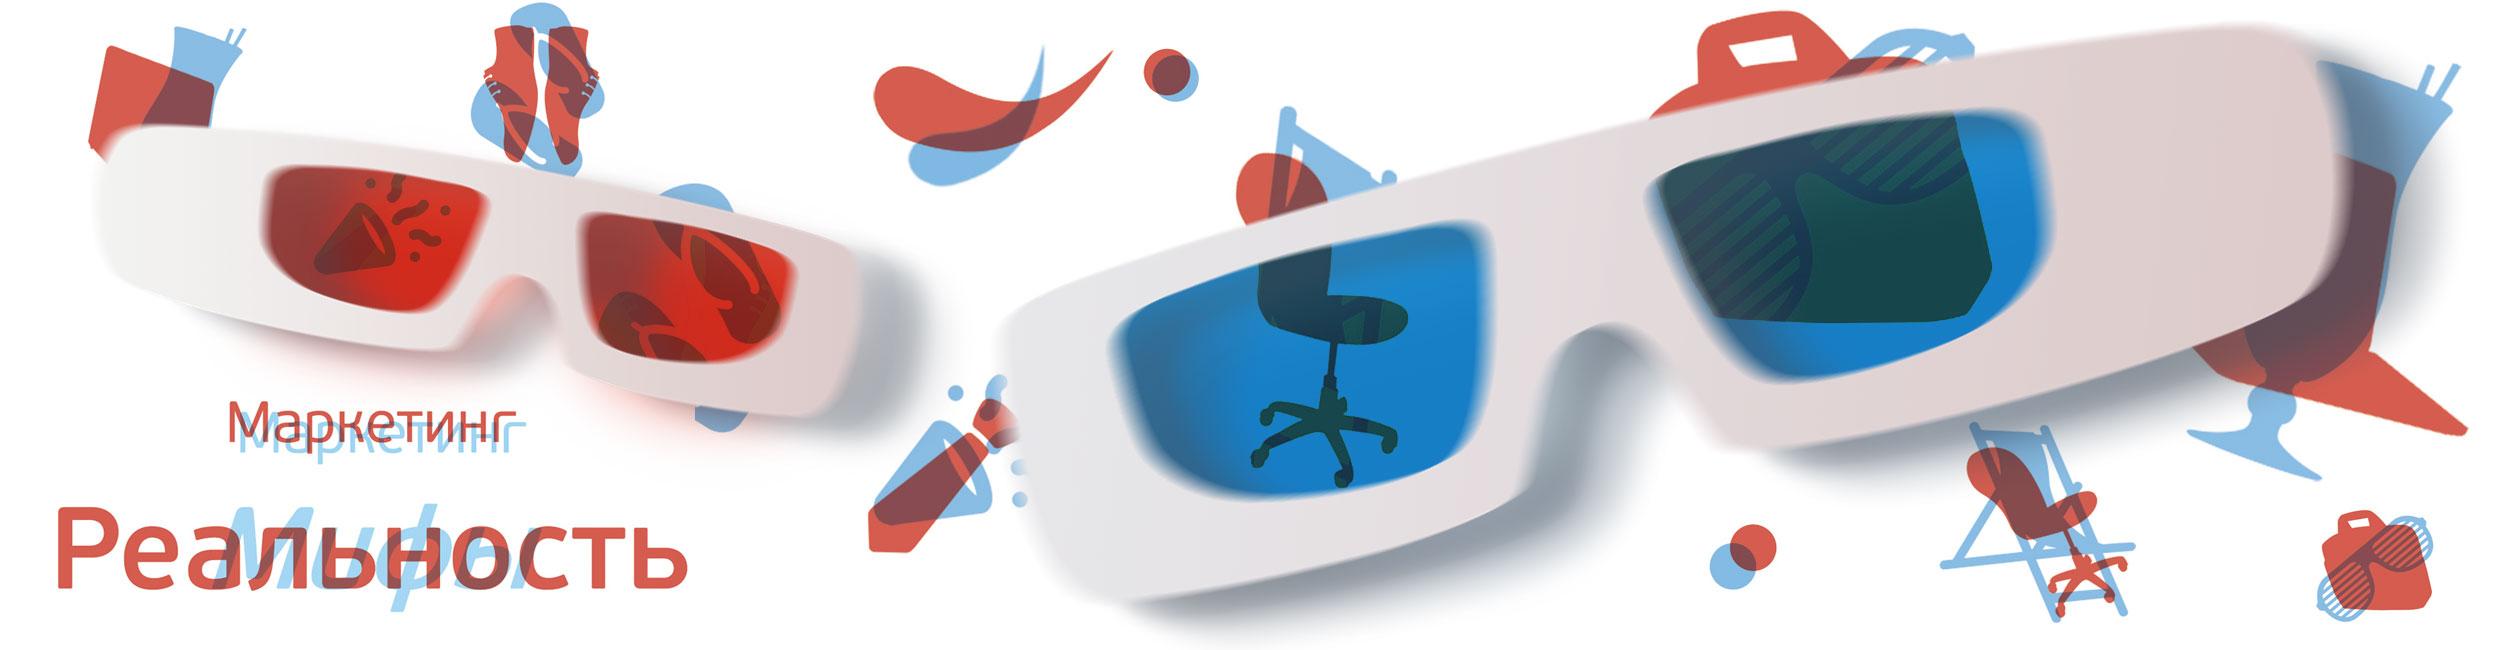 День маркетинга: мифы иреальность